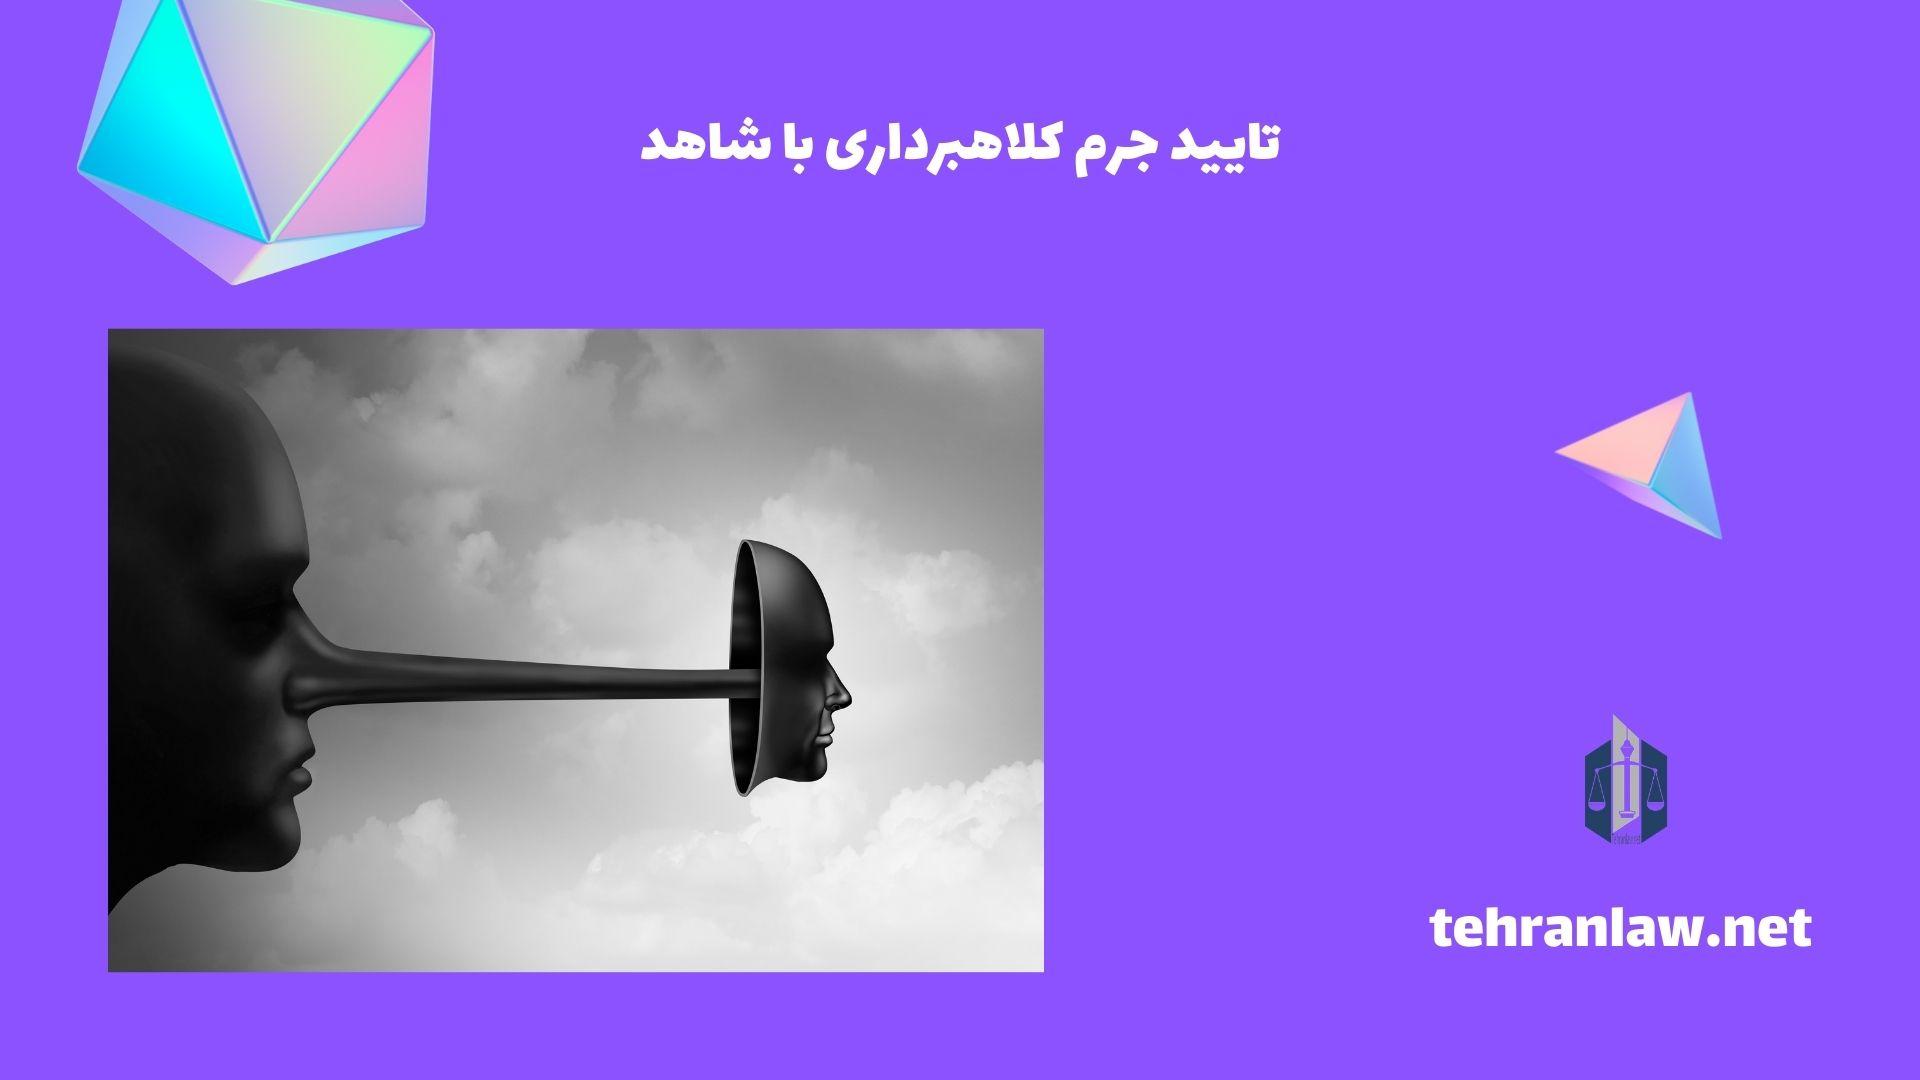 تایید جرم کلاهبرداری با شاهد